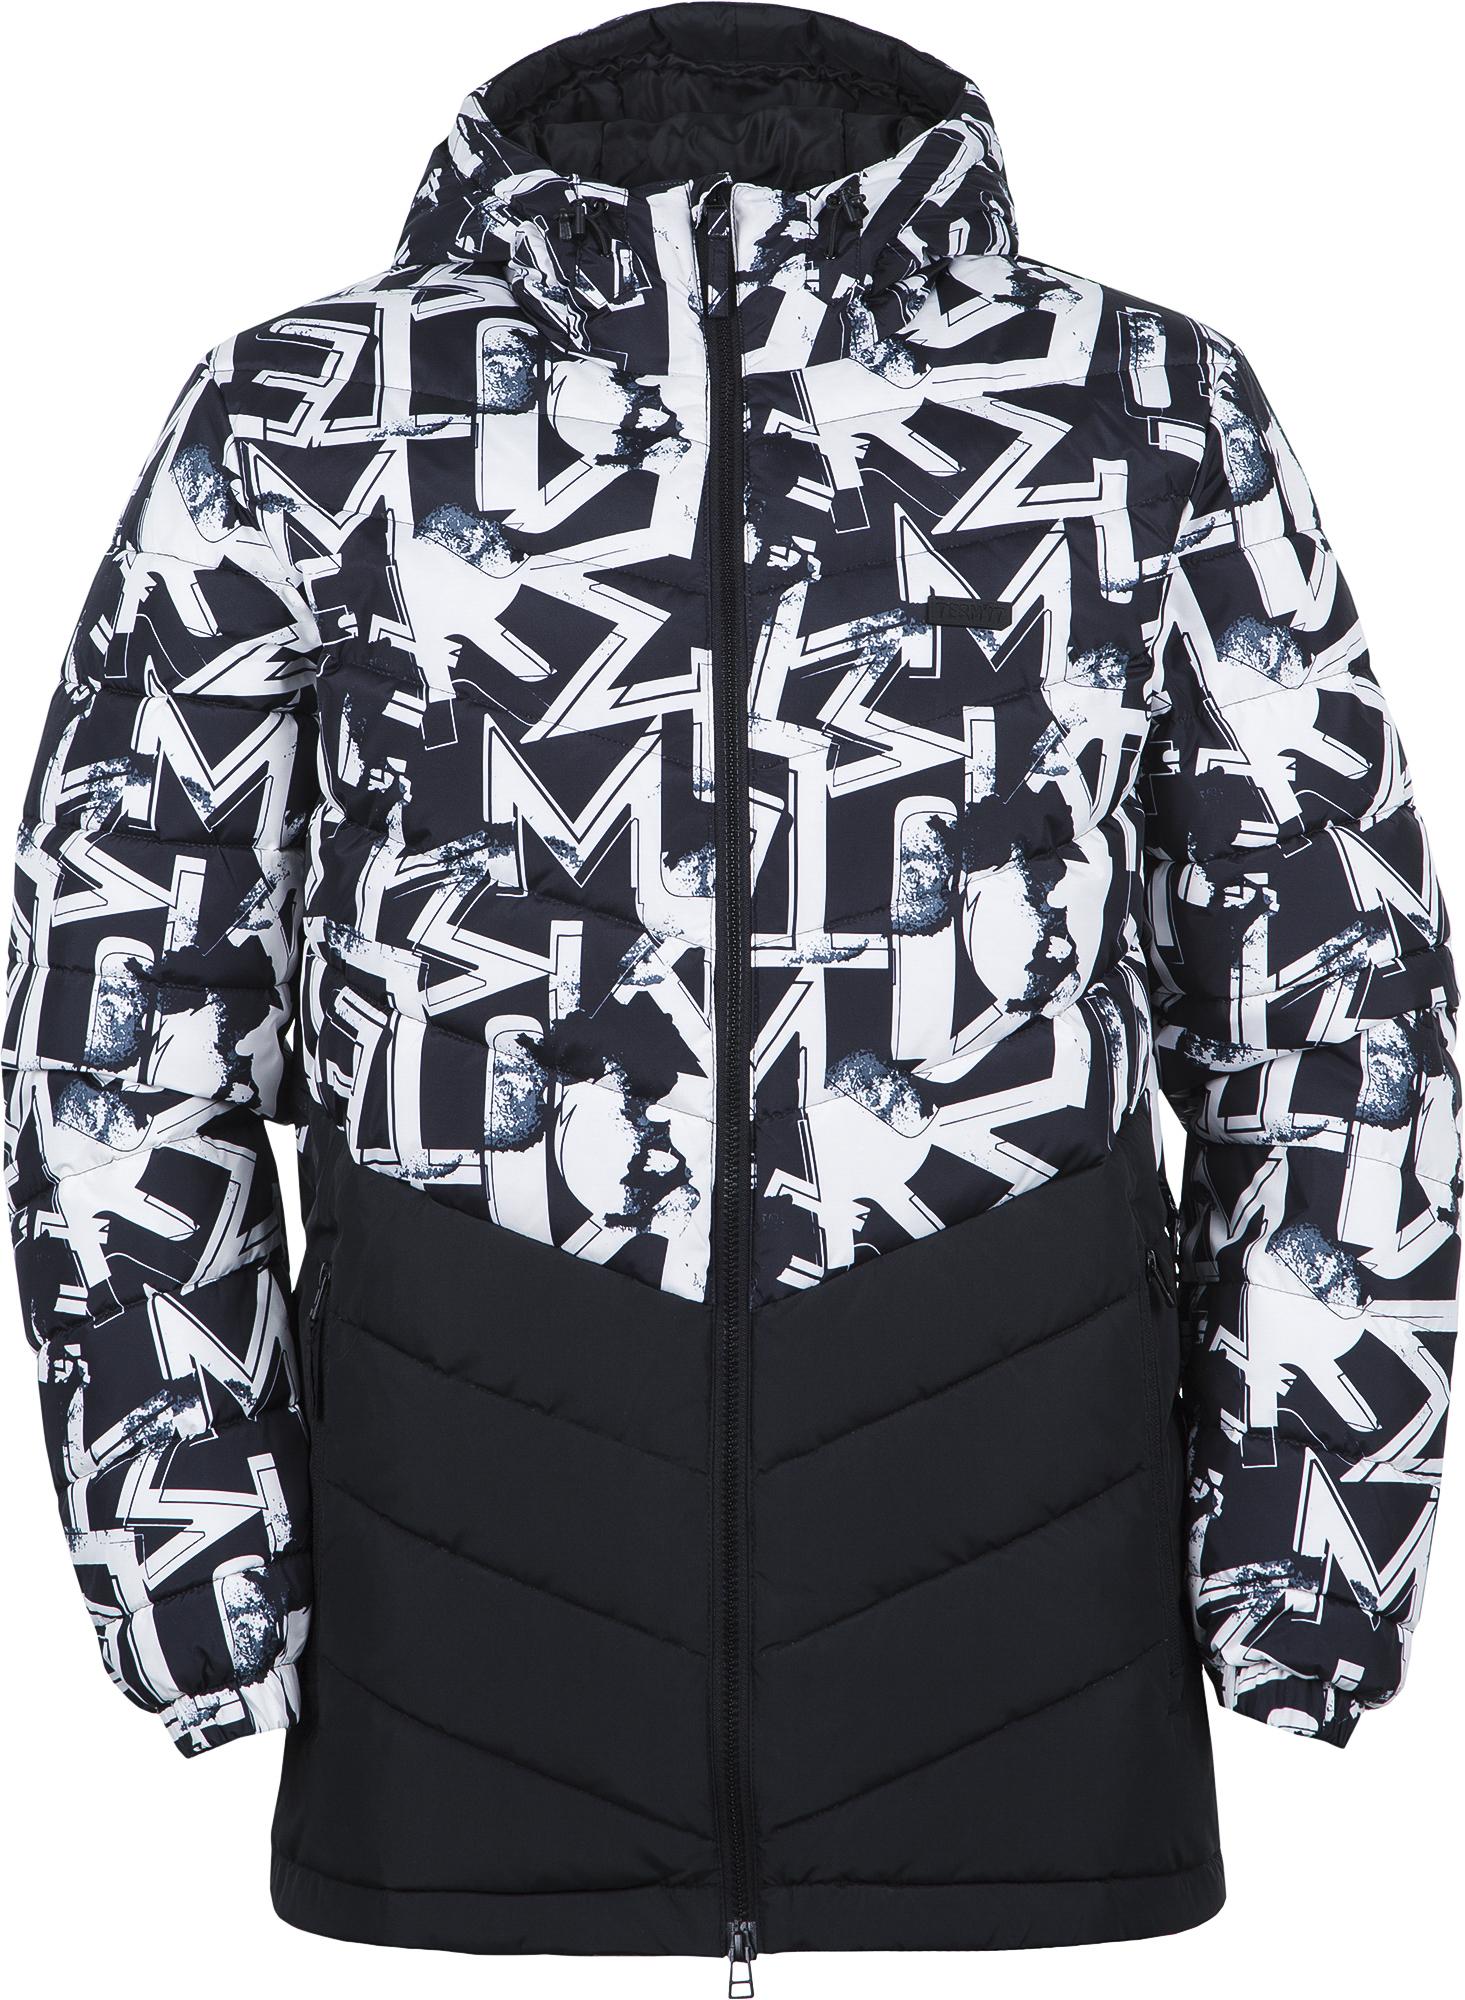 Termit Куртка пуховая мужская Termit, размер 50 куртка мужская варгградъ цвет оранжевый ja1000001000 размер l 50